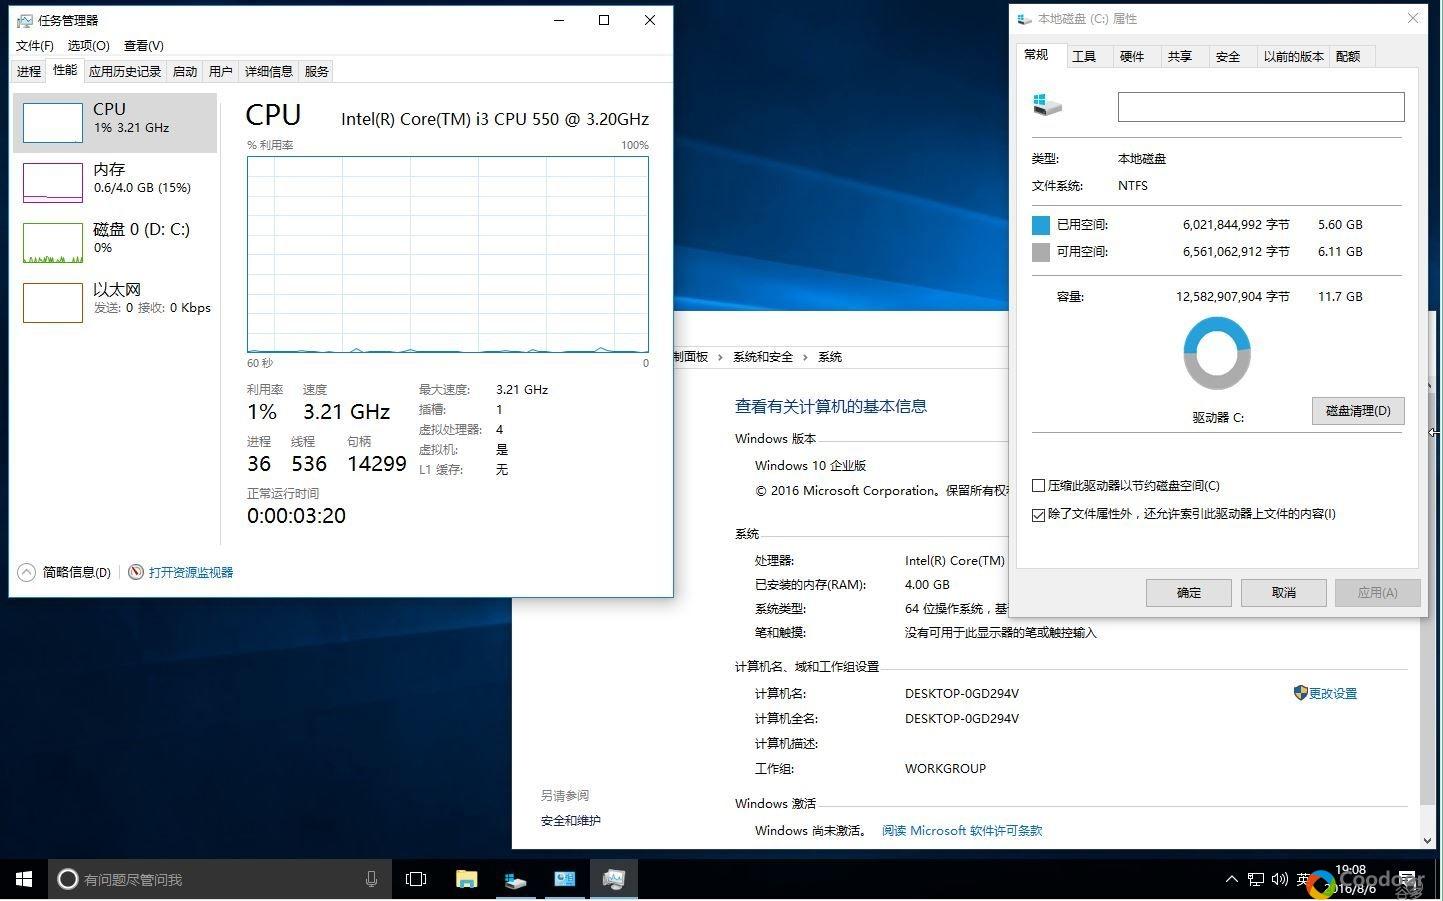 电脑软件-Windows 10周年更新版企业版精简版